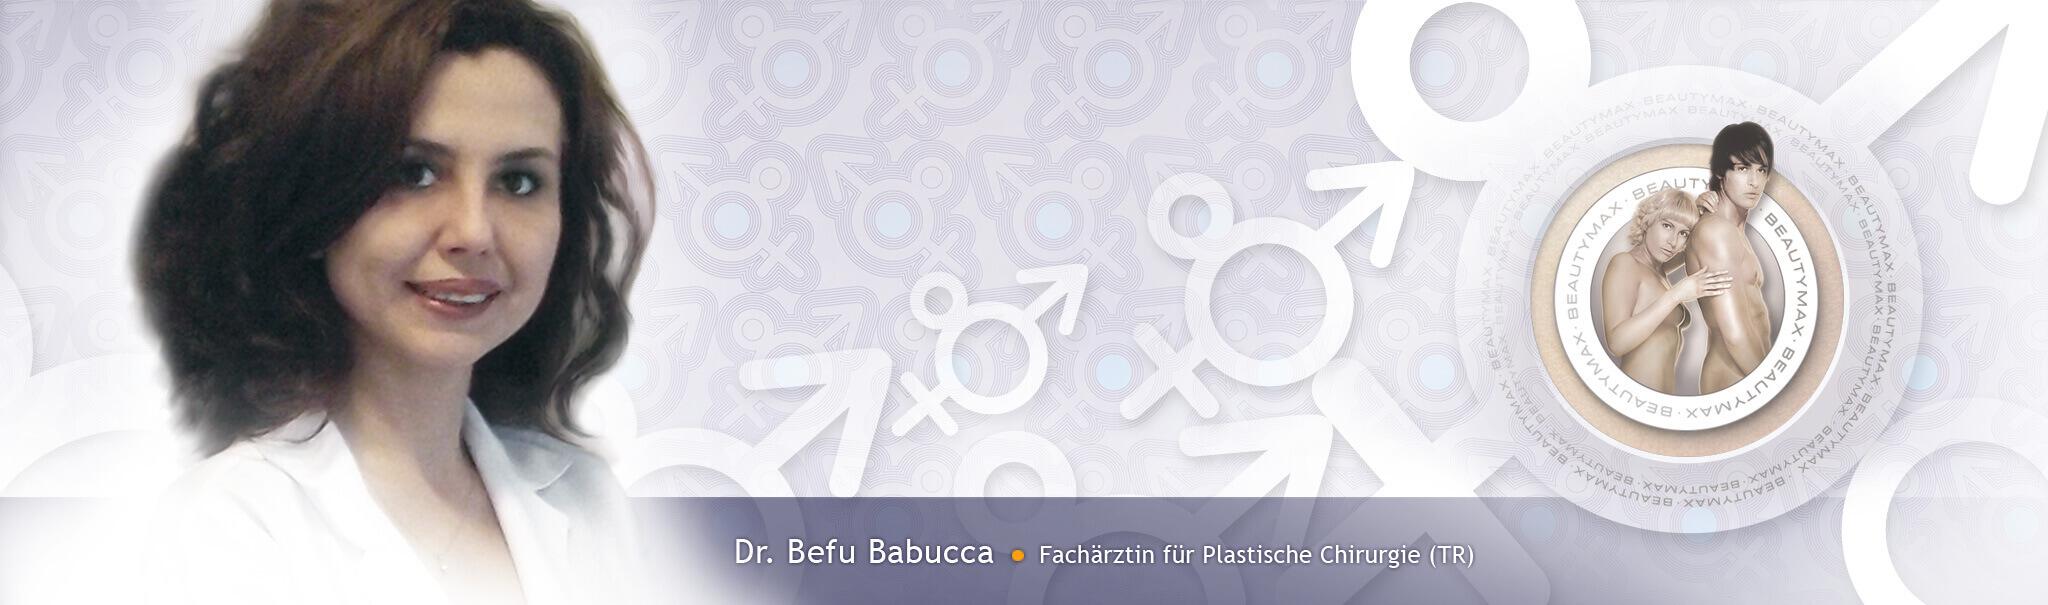 Dr. med. Befu Babucca - Fachärztin für Plastische Chirurgie